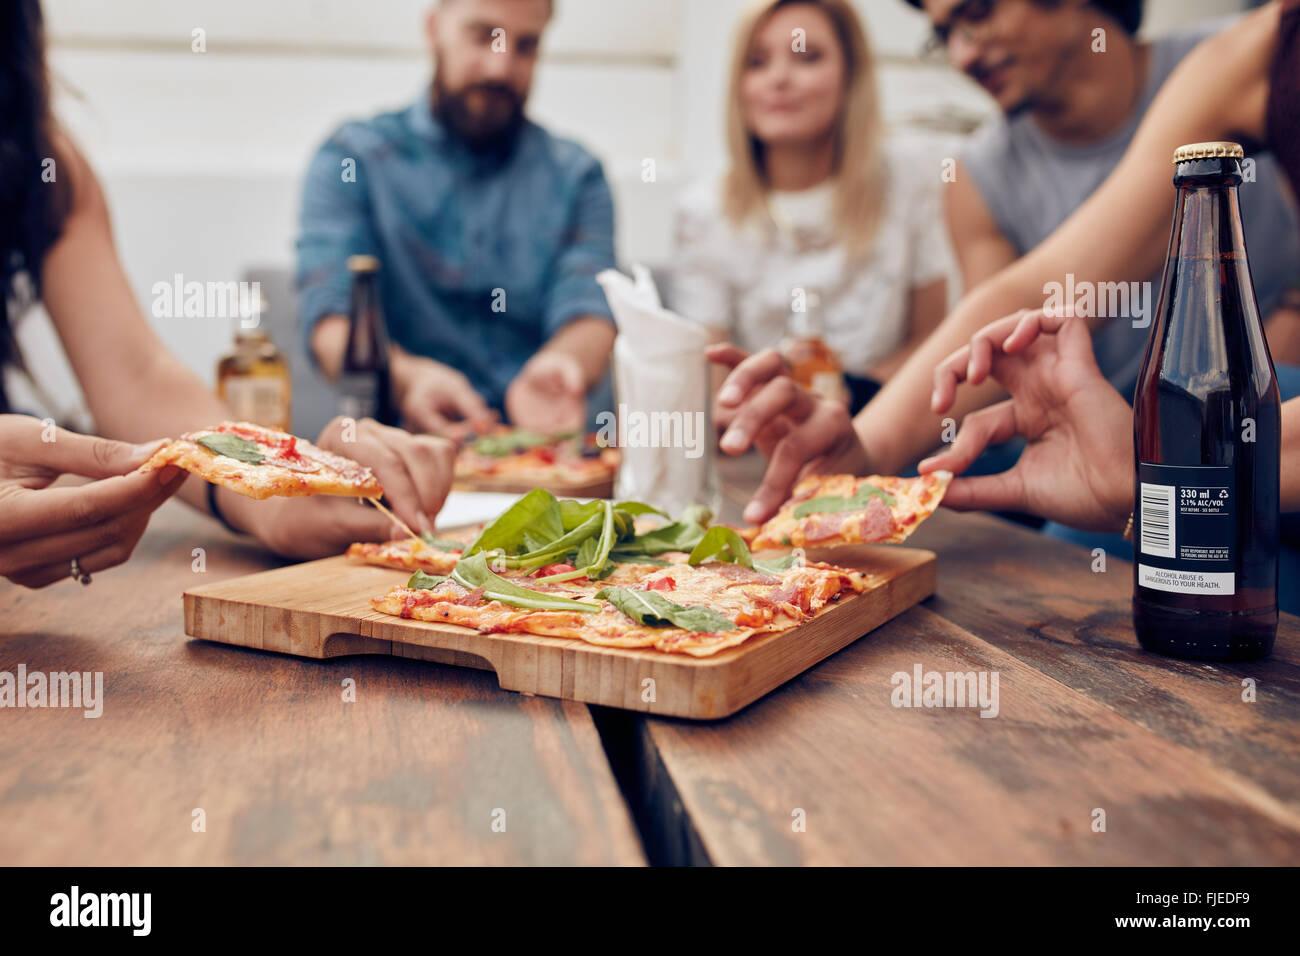 Immagine ravvicinata di pizza sul tavolo, con un gruppo di giovani seduti intorno e prelevare una porzione. Amici Immagini Stock